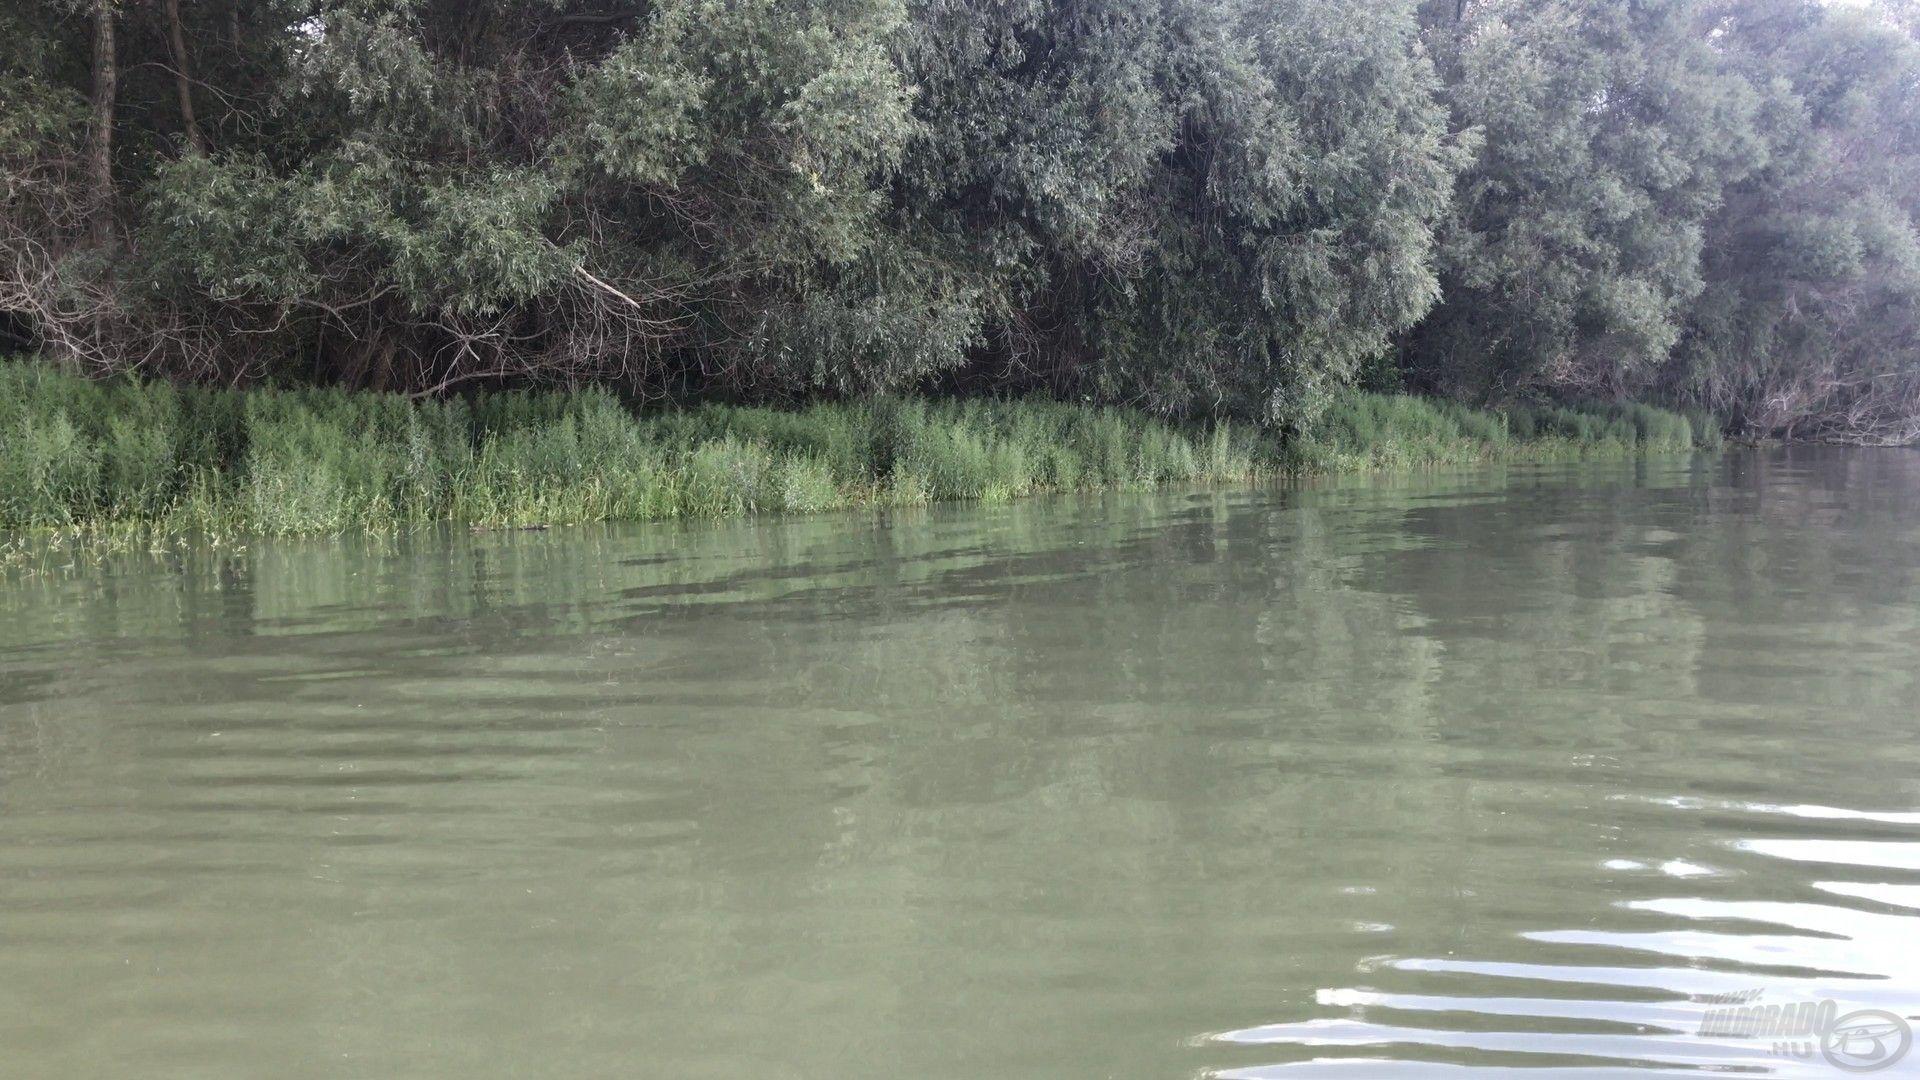 Ilyenkor a parti területek víz alá kerülnek, ezeket keresik fel a békés halak is a bőséges táplálék reményében